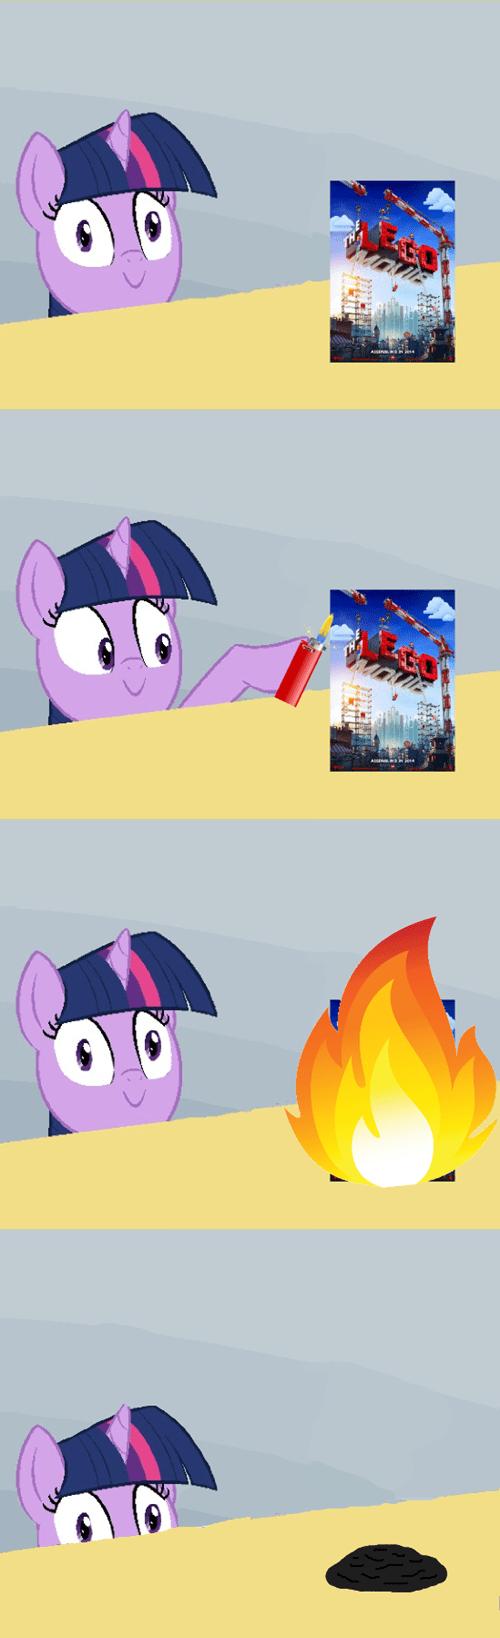 lego movie twilight sparkle arson - 8096186368